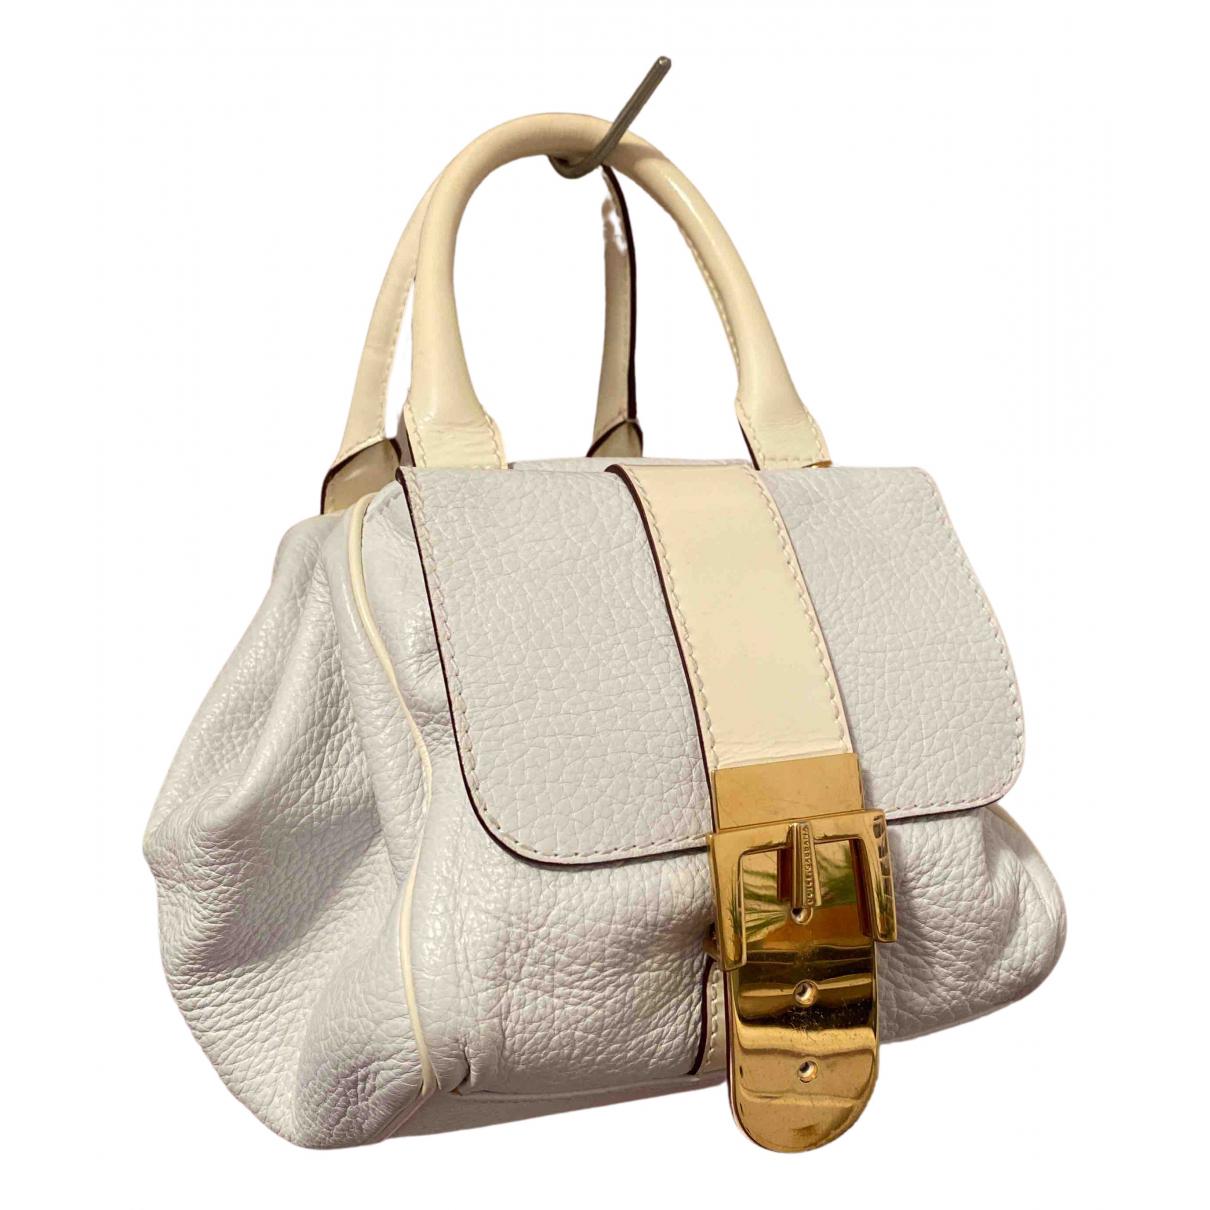 Dolce & Gabbana \N Handtasche in  Weiss Leder